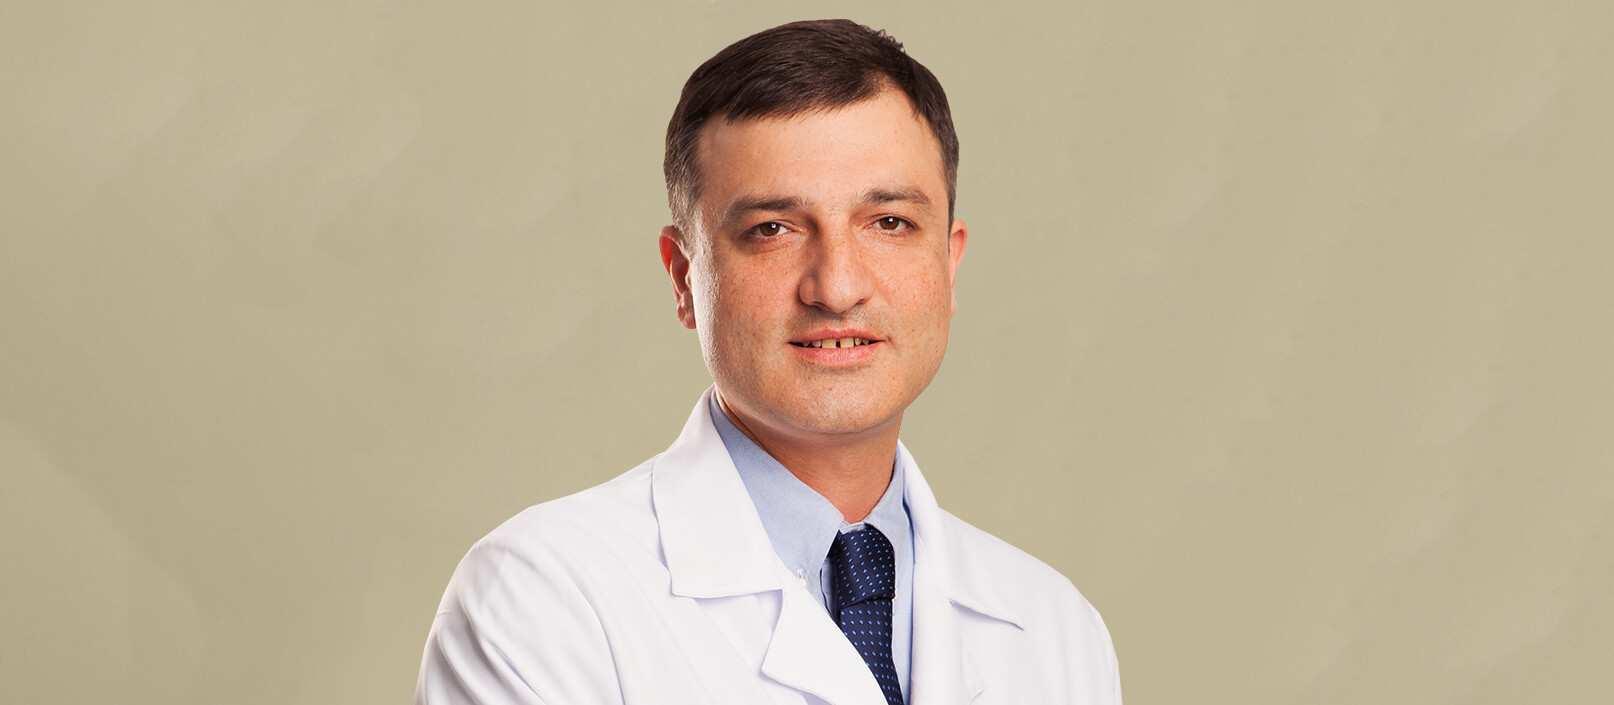 Георгий Обгаидзе MD